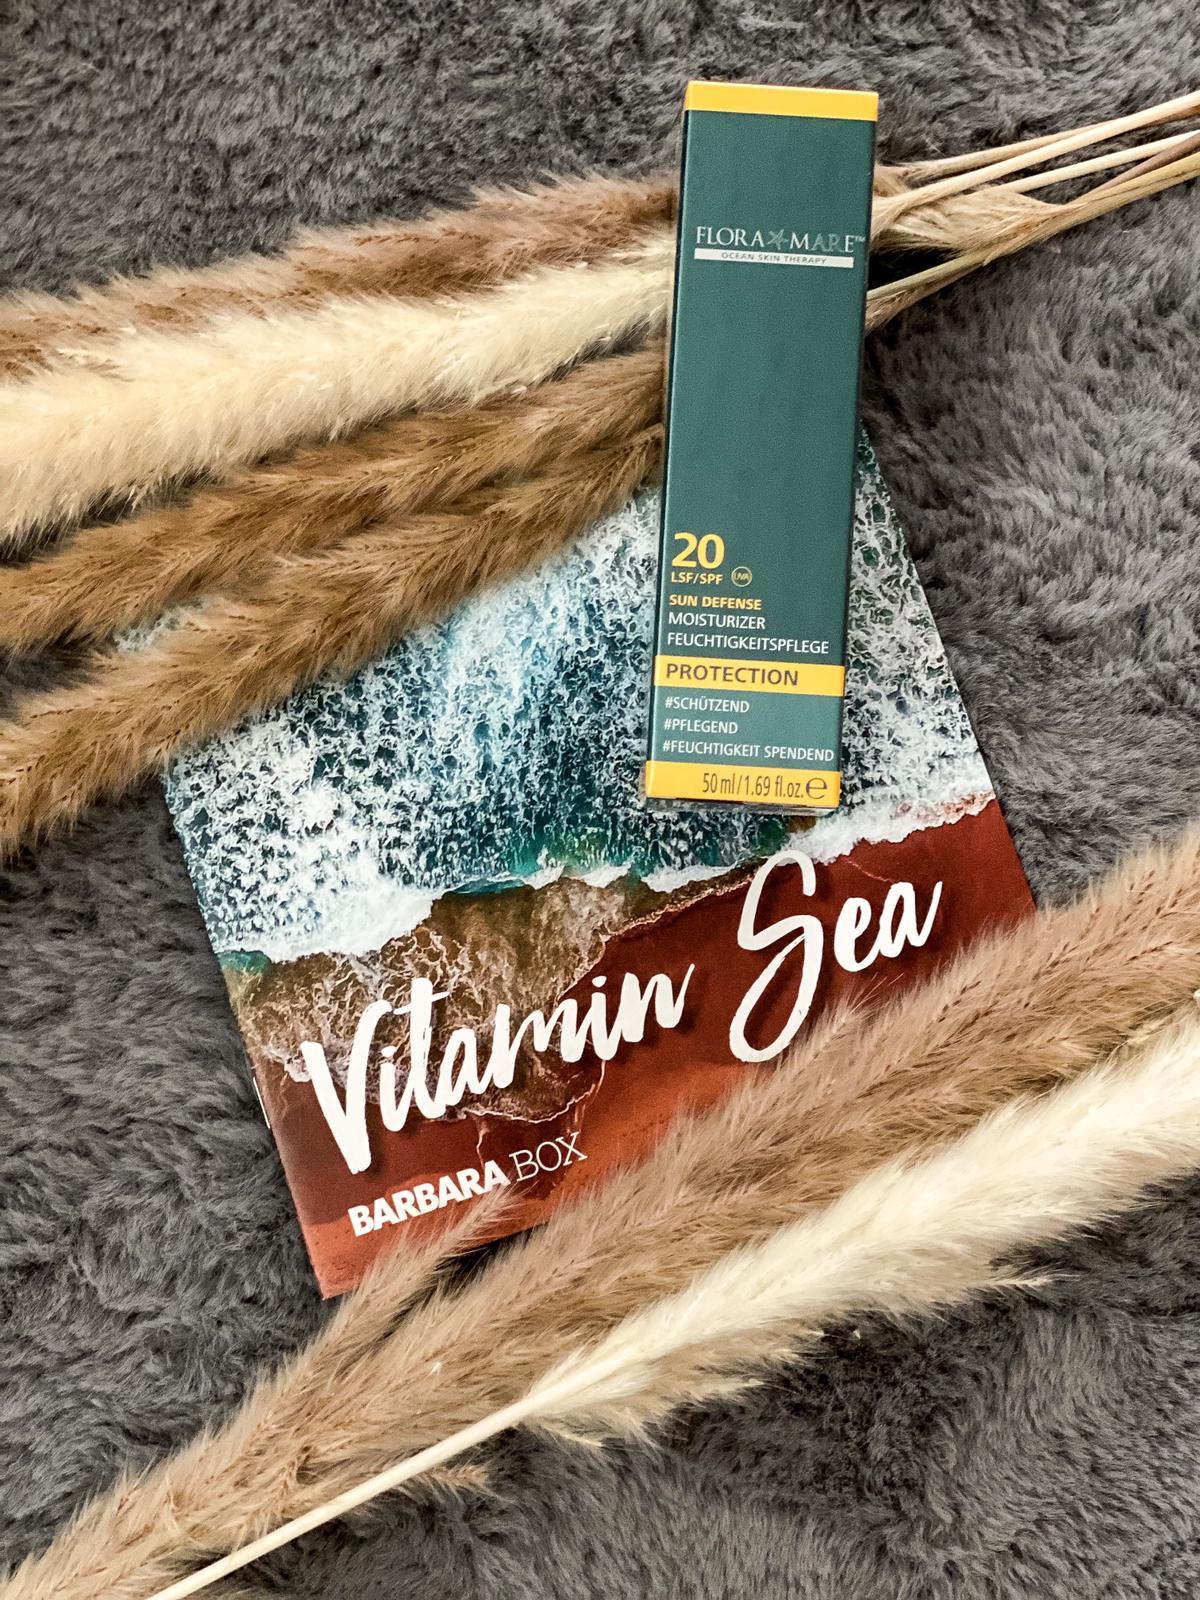 Barbara Box Vitamin Sea - Flora Mare